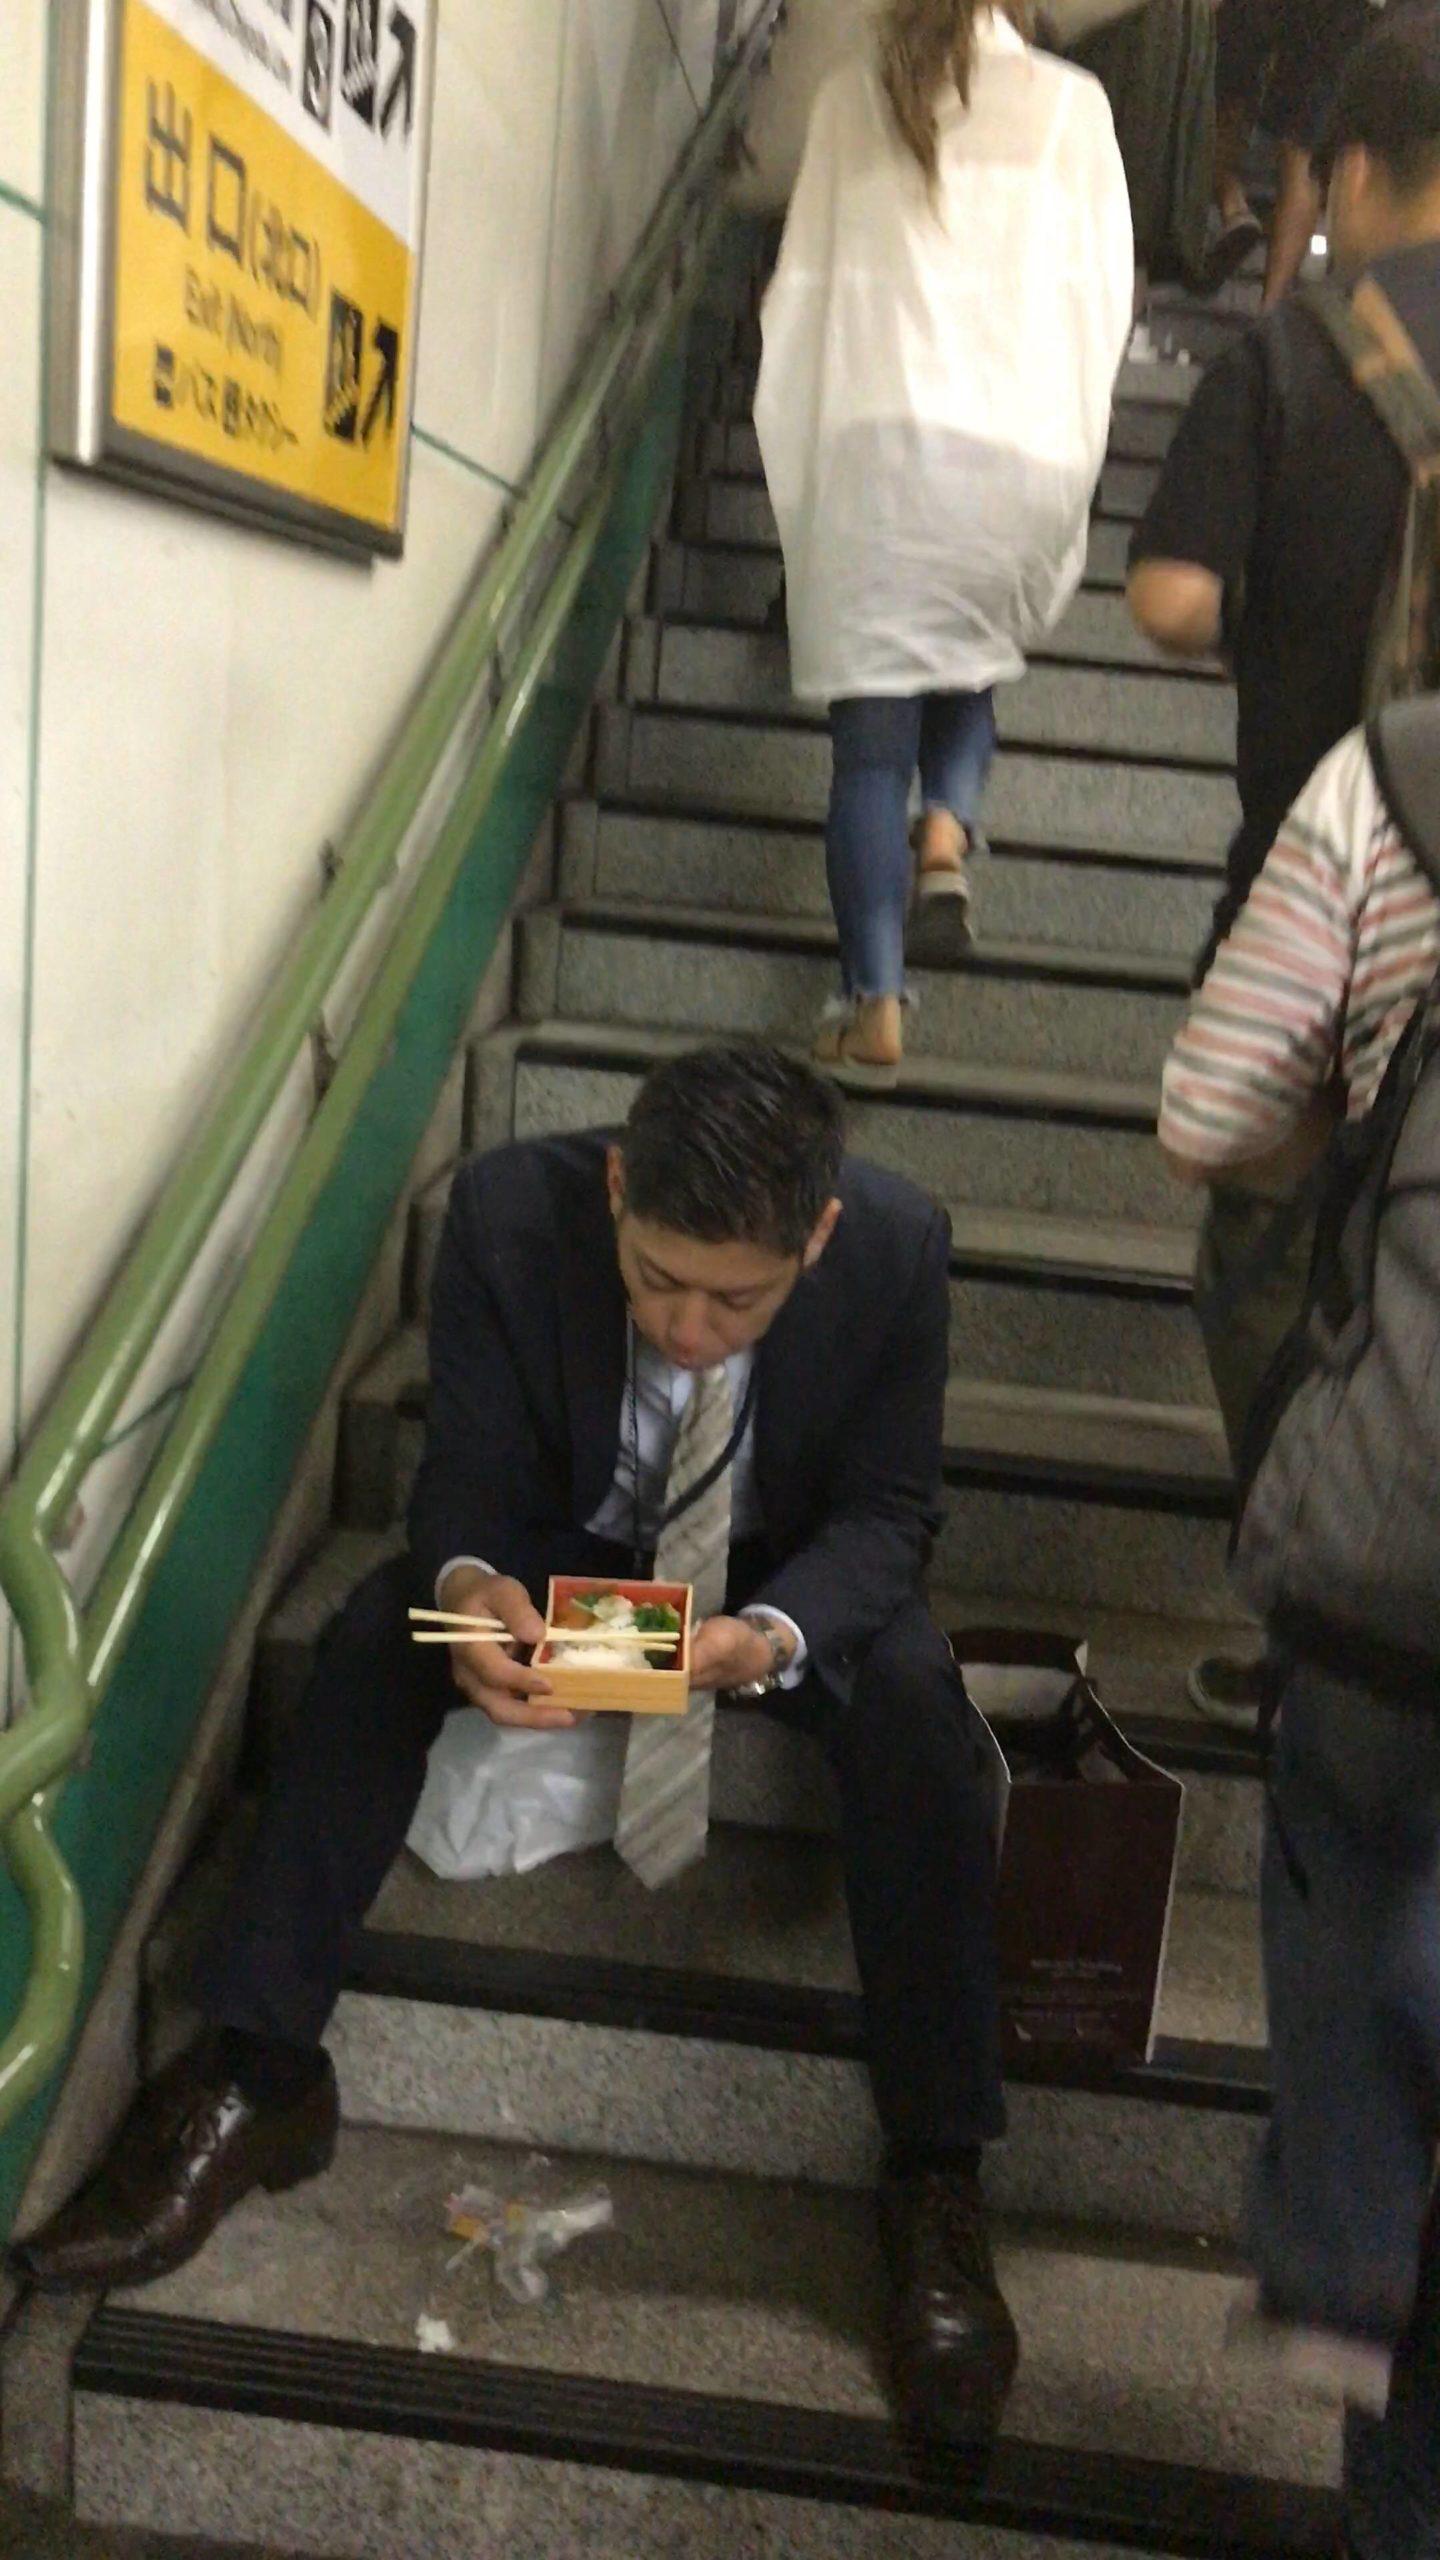 女さん「駅で弁当食べてる人がいた。信じらんない!」パシャ!